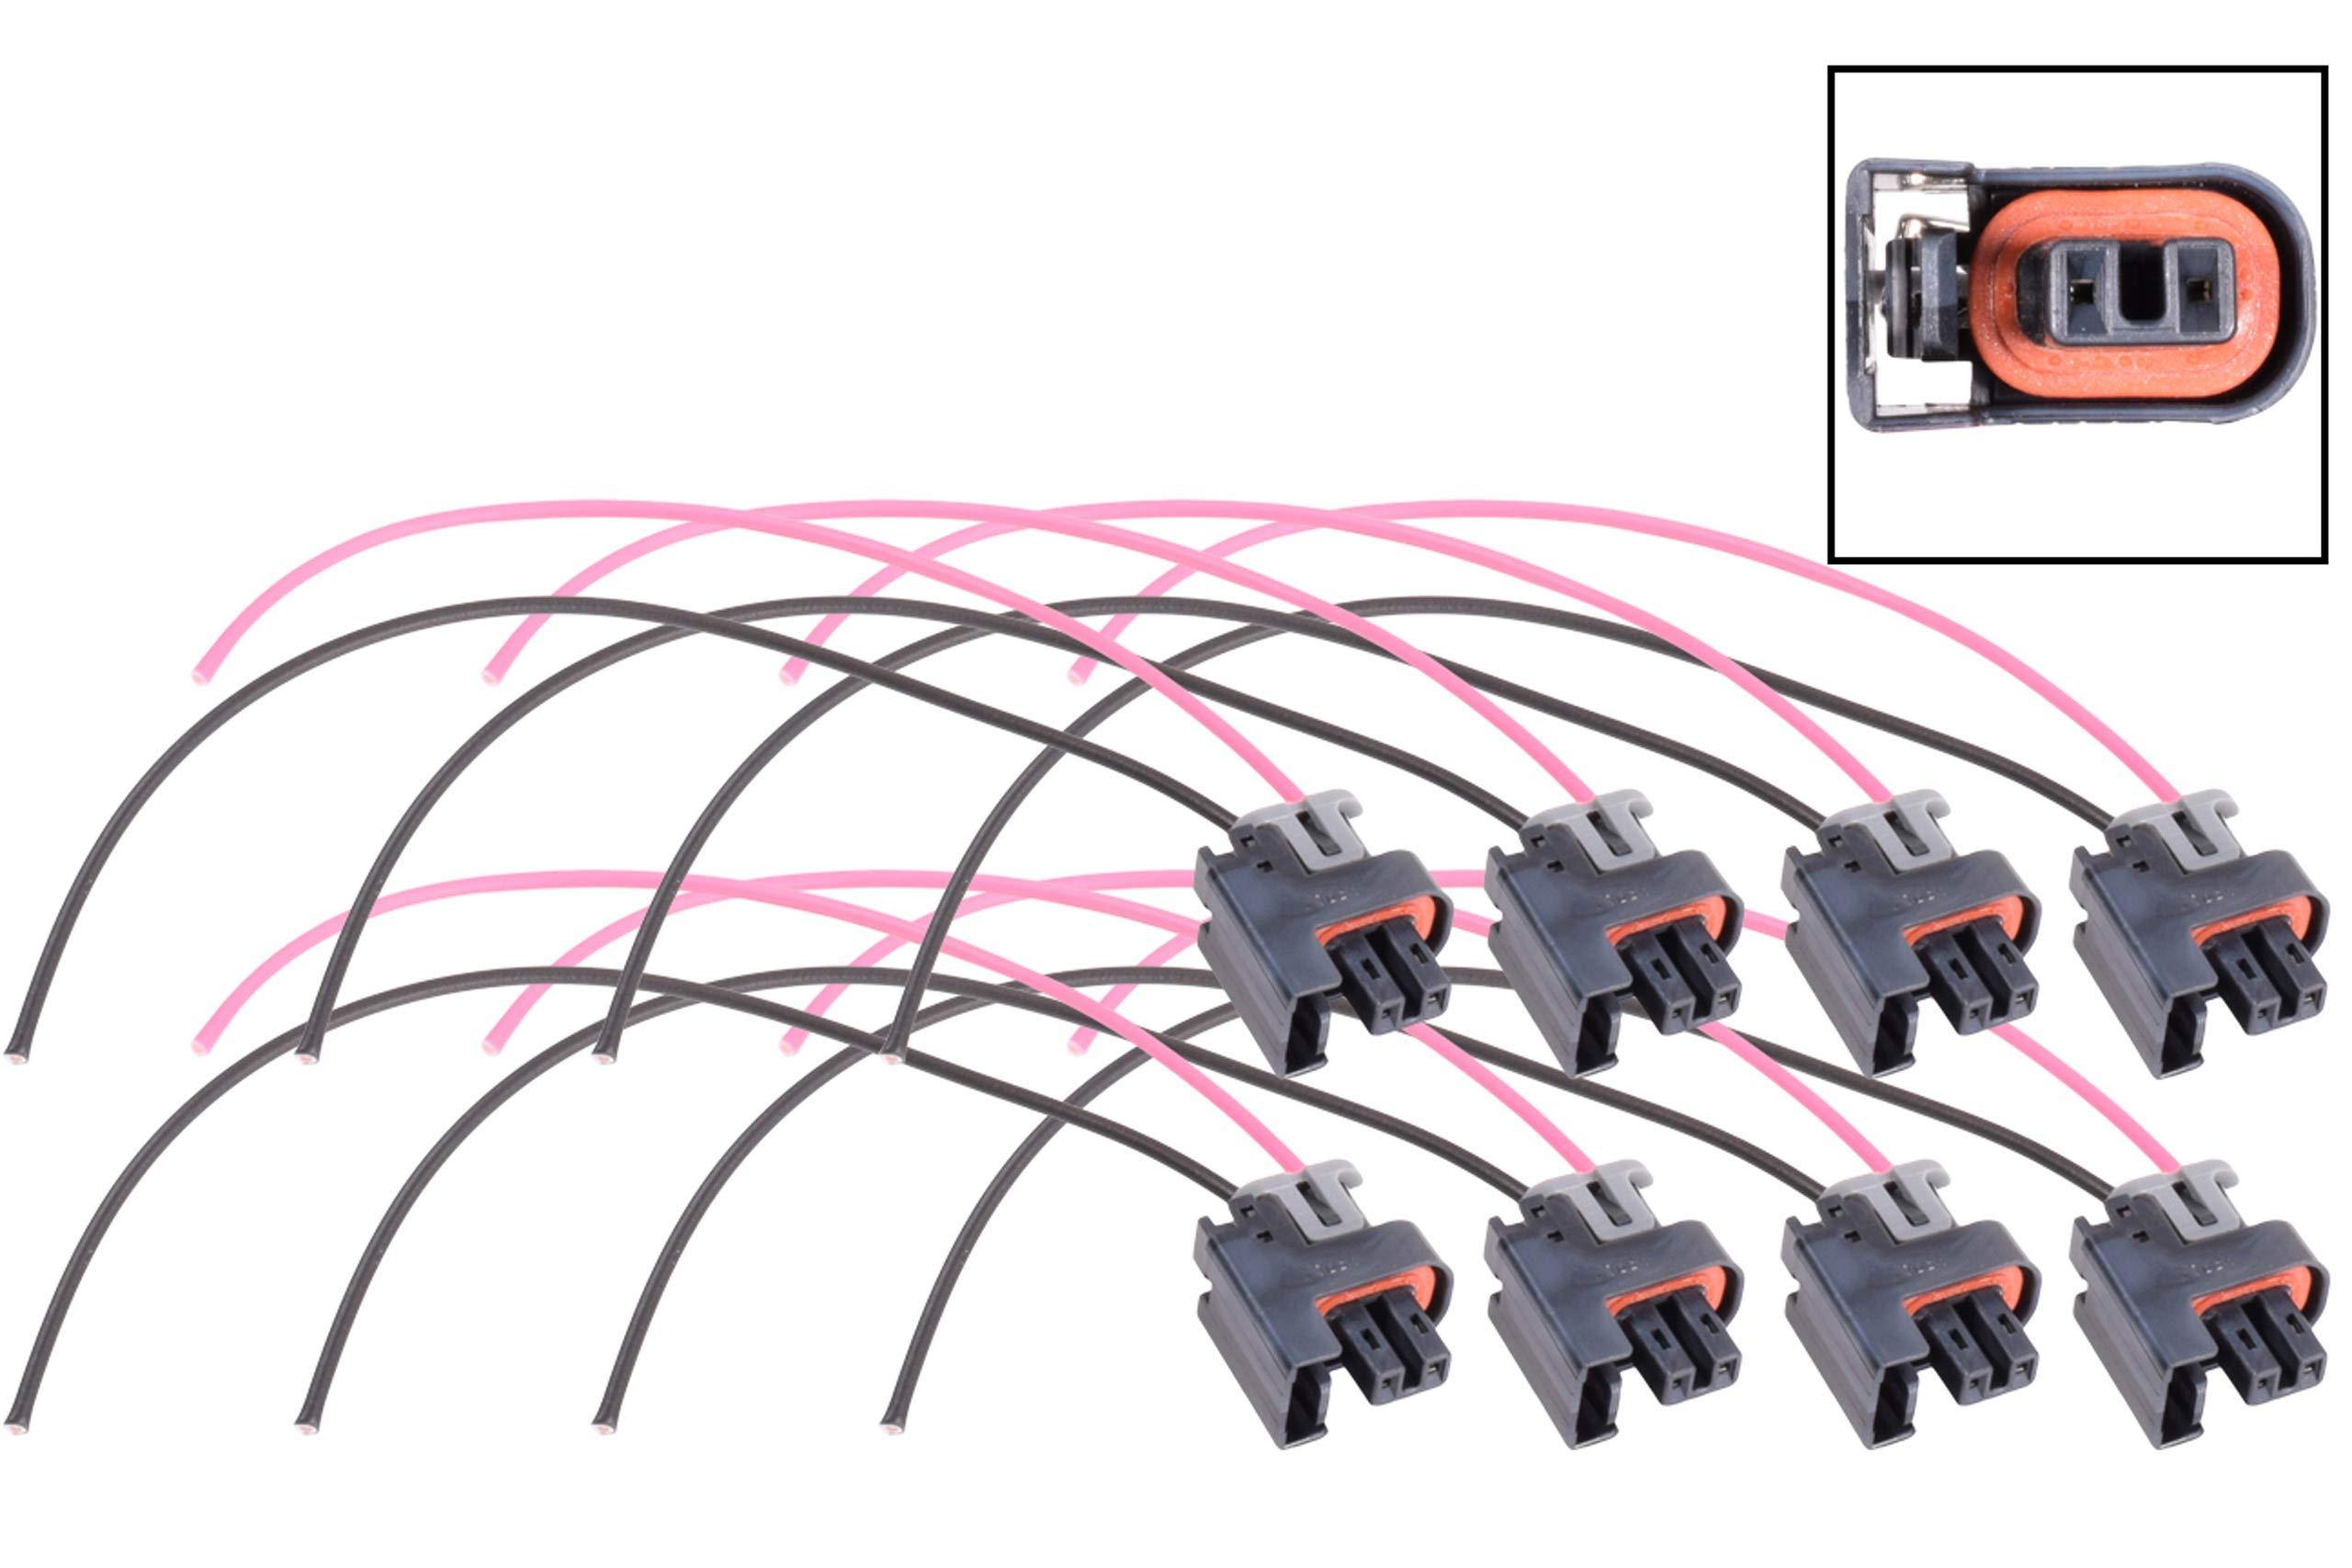 [DIAGRAM_3US]  Amazon.com: ICT Billet LS Truck Fuel Injector Wire Connector Pigtail Plug  Mini Delphi Multec 2 (8 pack) OEM Tooling, Connector, Lock, Seals,  Terminals WPINJ31X8: Automotive | Delphi Wiring Harness Connectors |  | Amazon.com